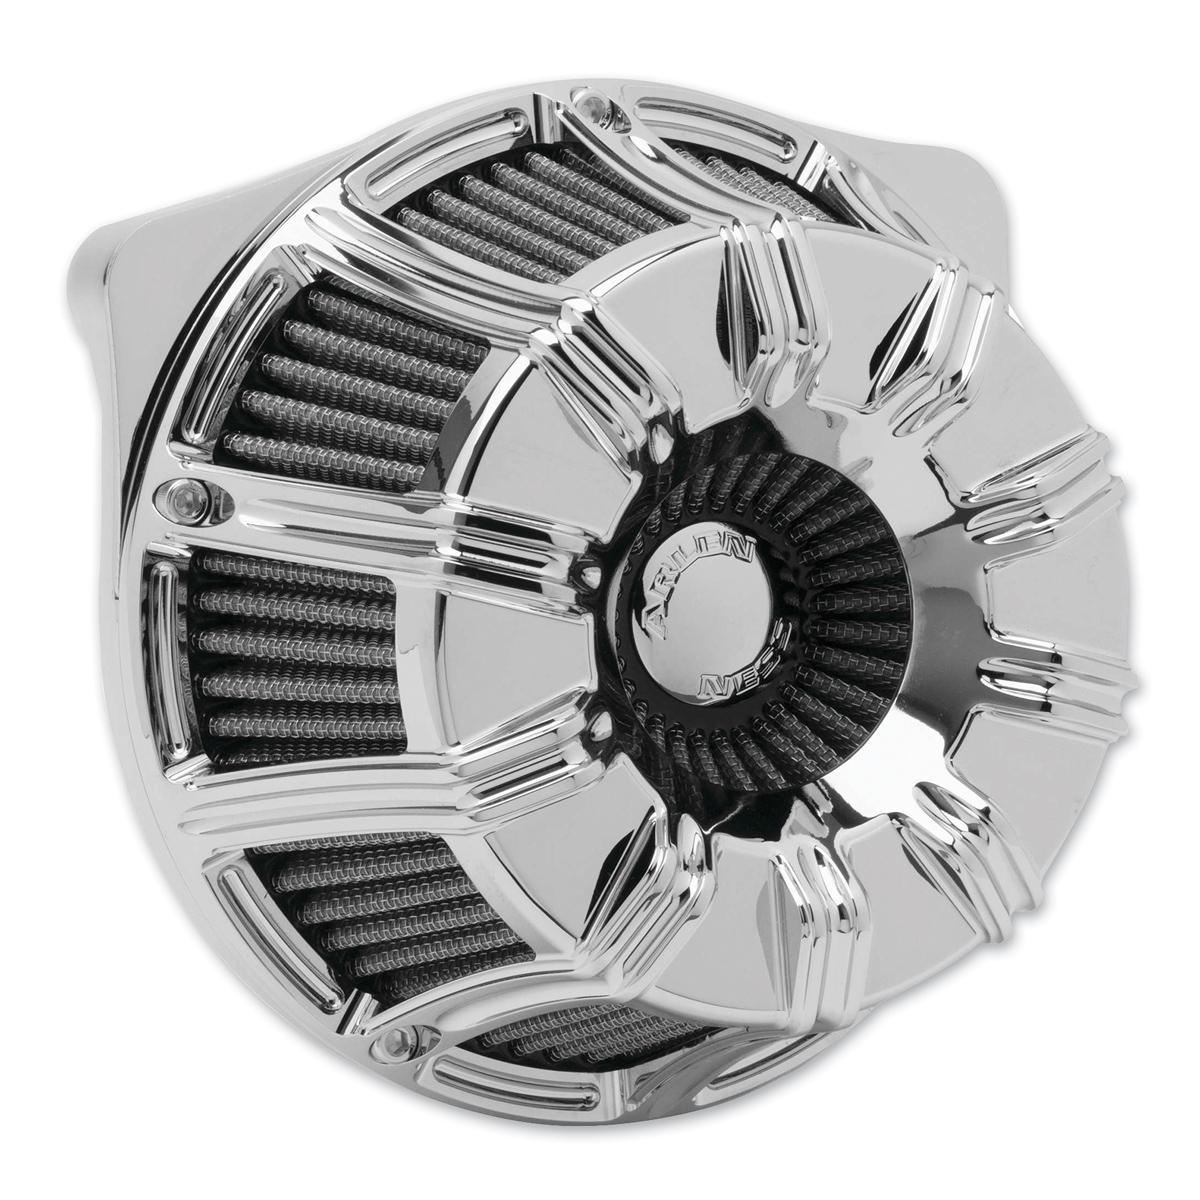 Arlen Ness Inverted Sucker 10-Gauge Chrome Air Cleaner Kit